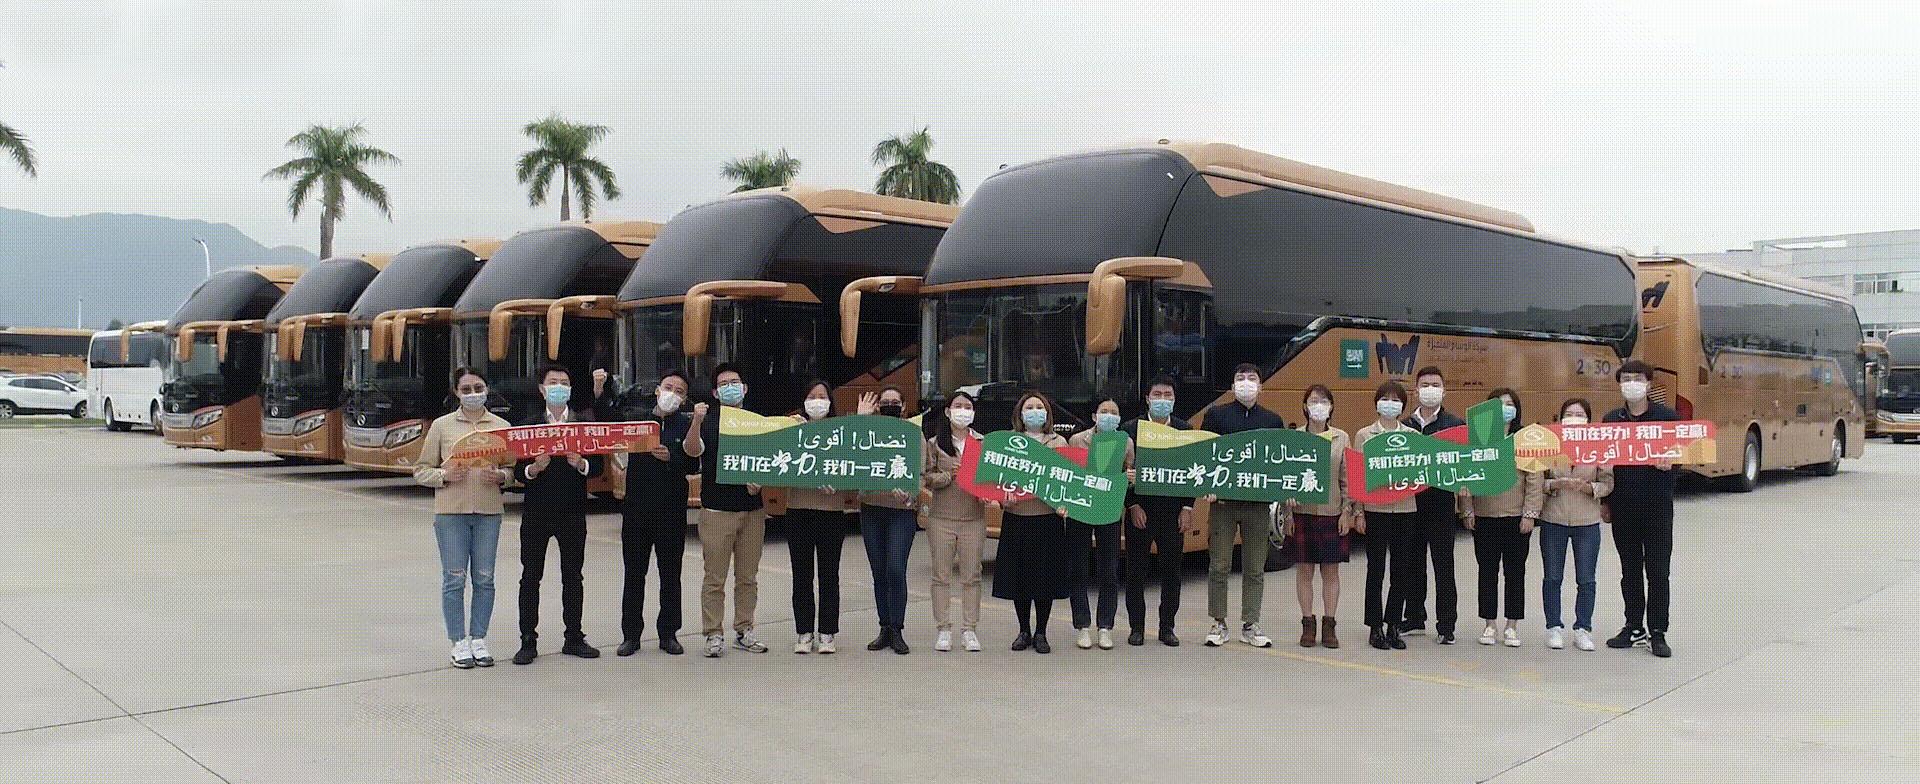 疫情下的中国制造:213辆金龙客车豪华大巴如约从厦门码头出发远赴沙特